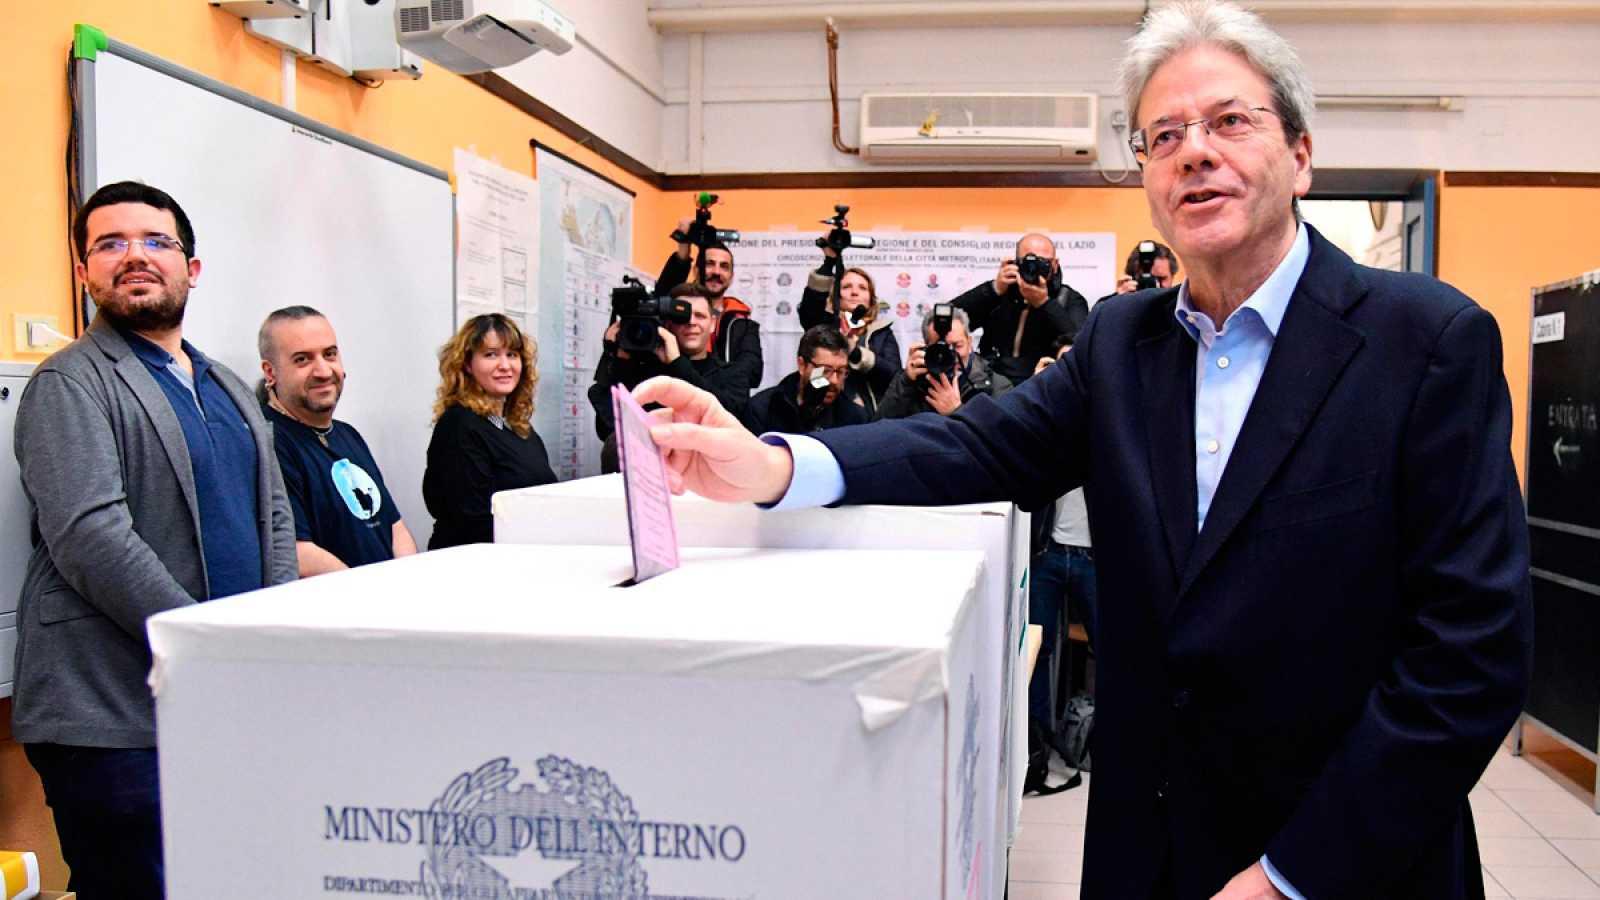 Italia celebra unas elecciones generales de resultado incierto